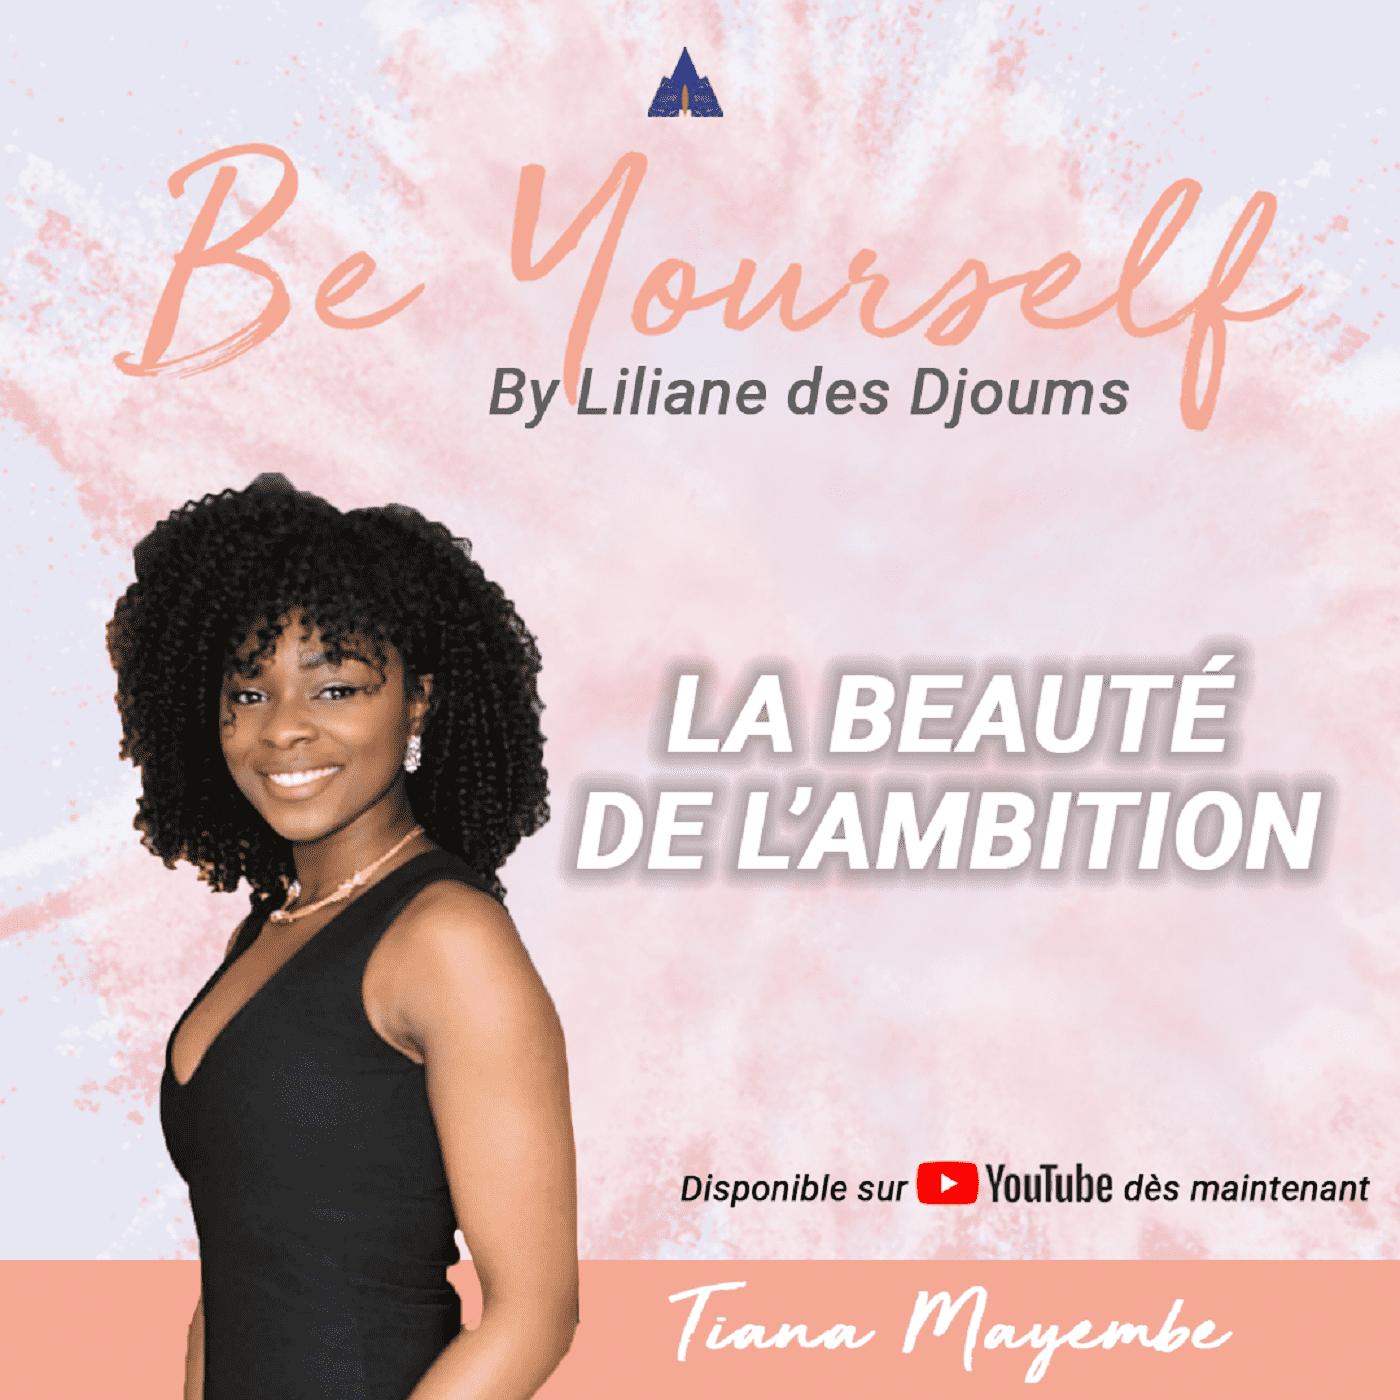 #2 : BE YOURSELF - LA BEAUTE DE L'AMBITION